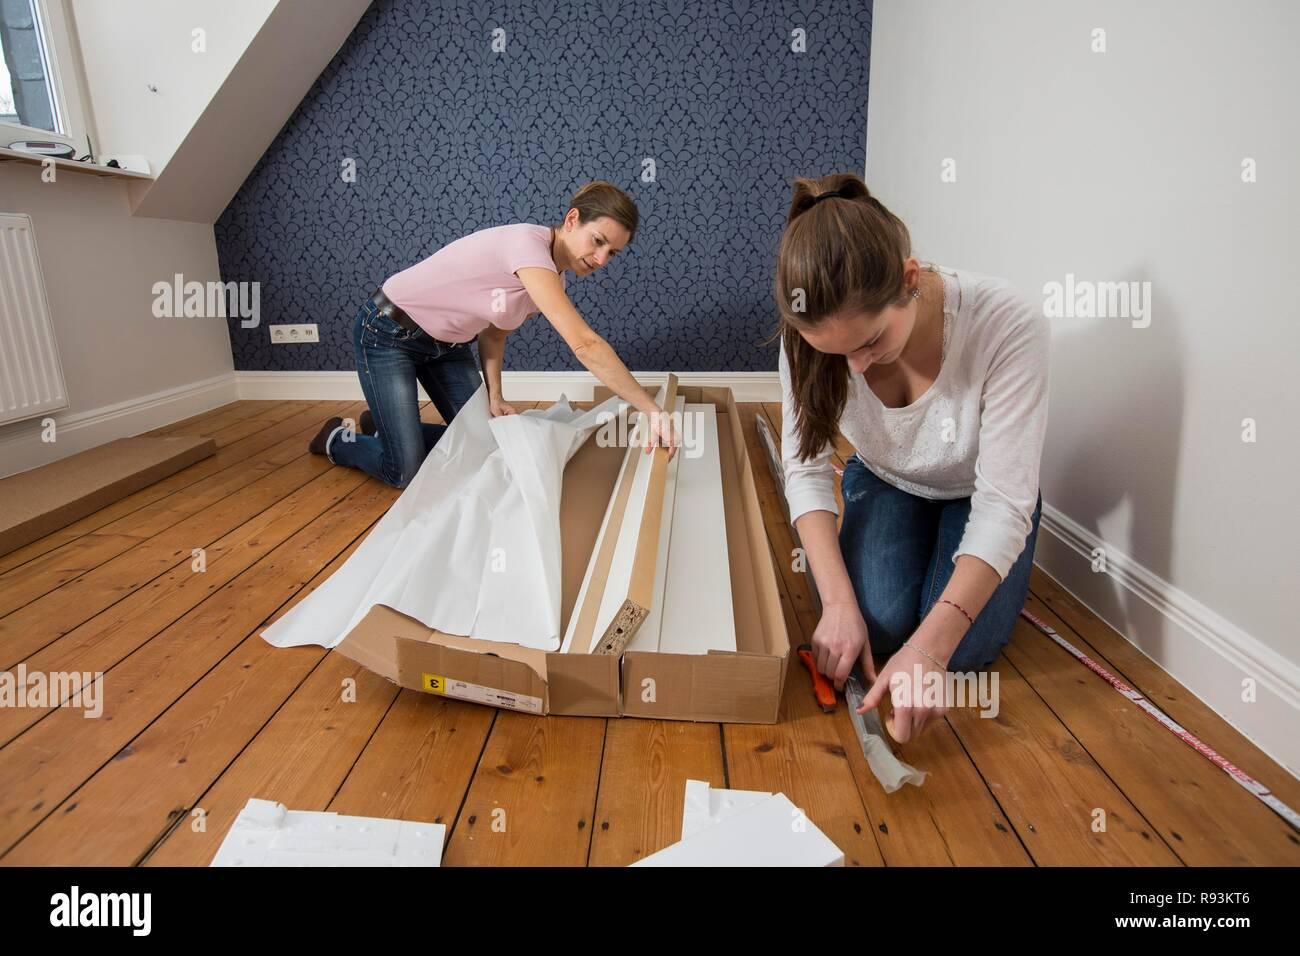 Mère et fille qui travaille ensemble pour former un lit double dans la chambre, lit fille jeux de montage, Allemagne Photo Stock